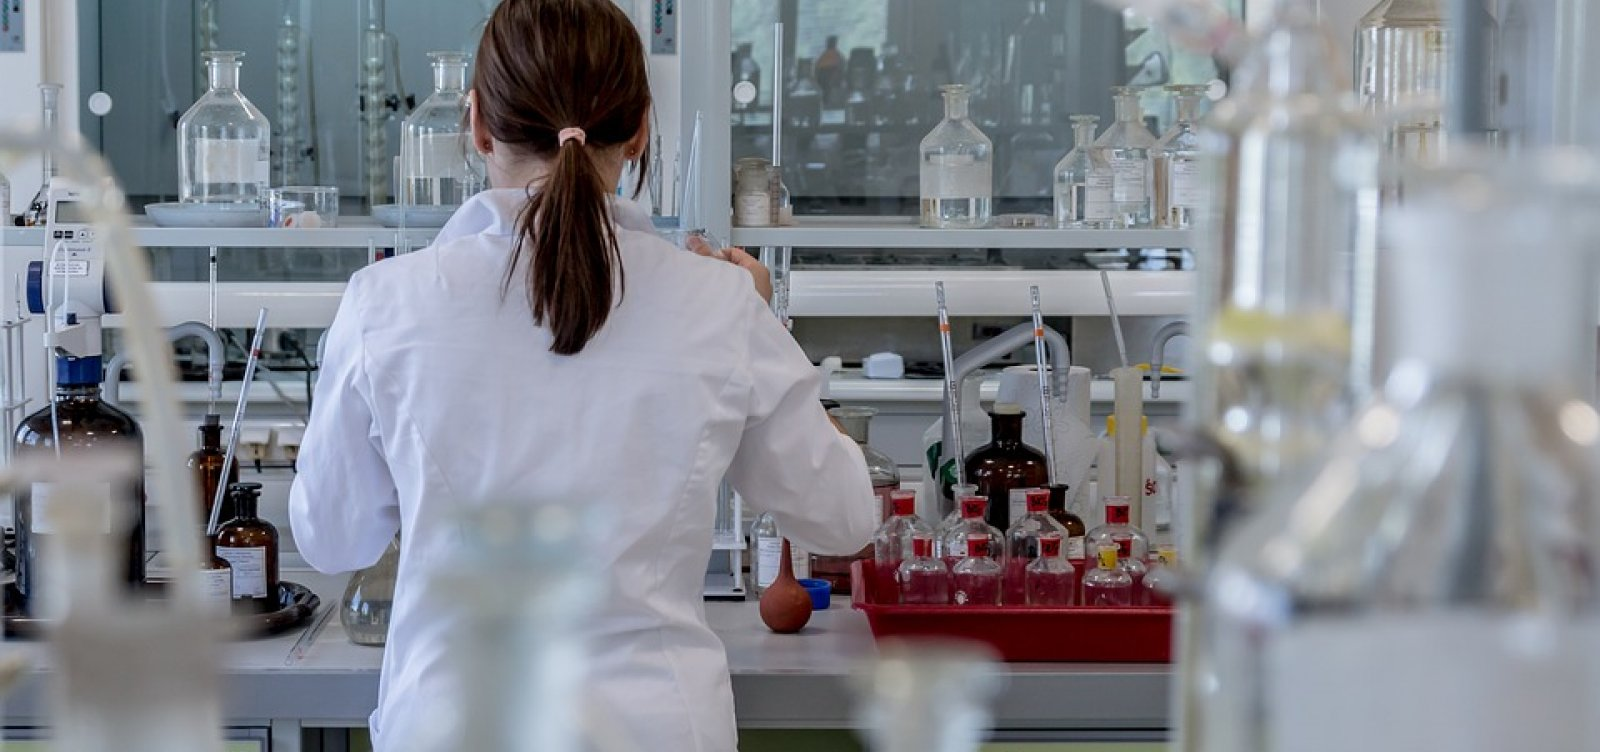 Pesquisadores descobrem molécula que pode tratar câncer de ovário